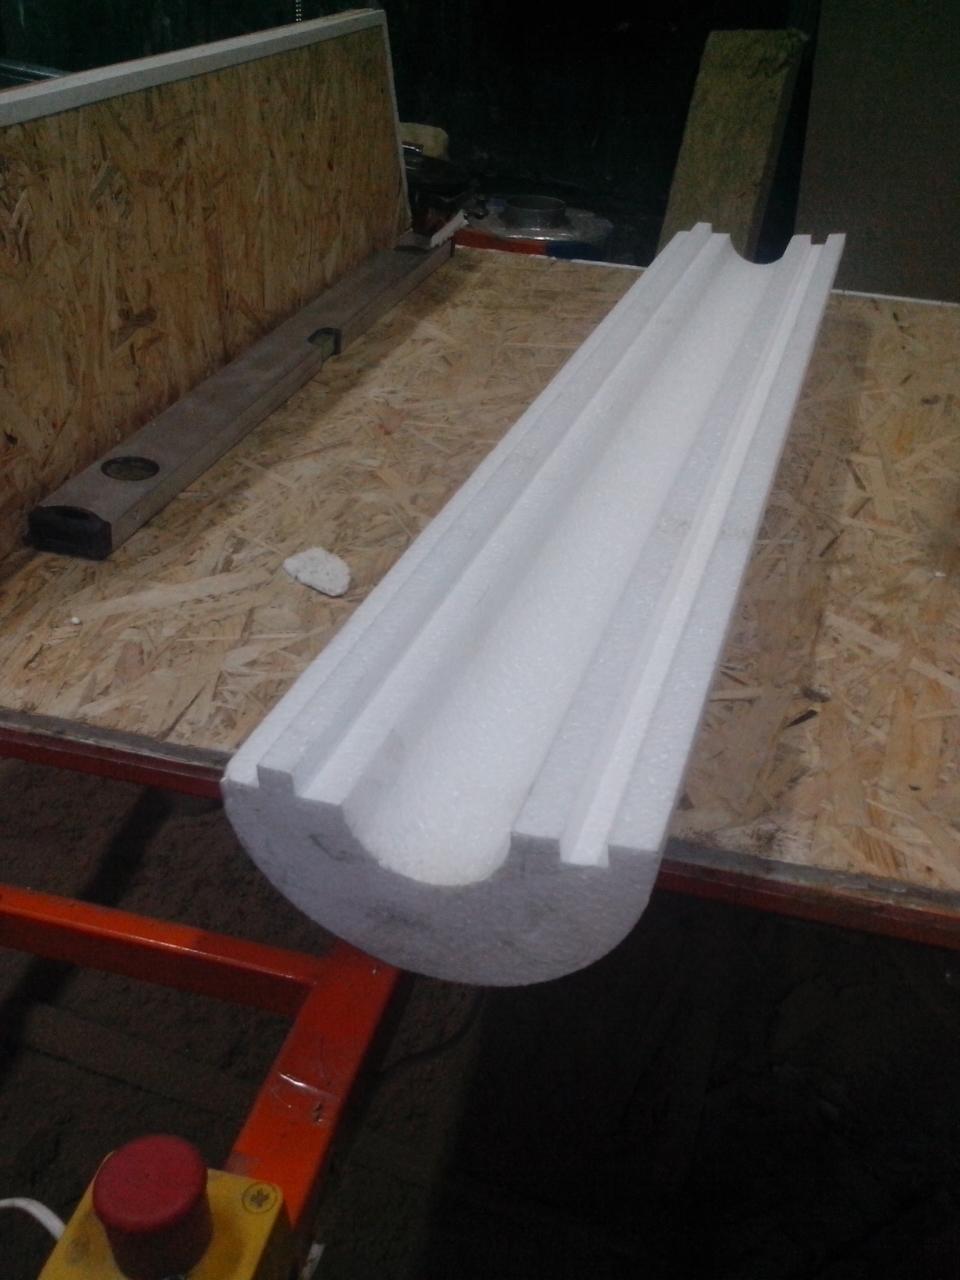 Утеплитель из пенопласта (пенополистирола) для труб Ø 32 мм толщиной 100 мм